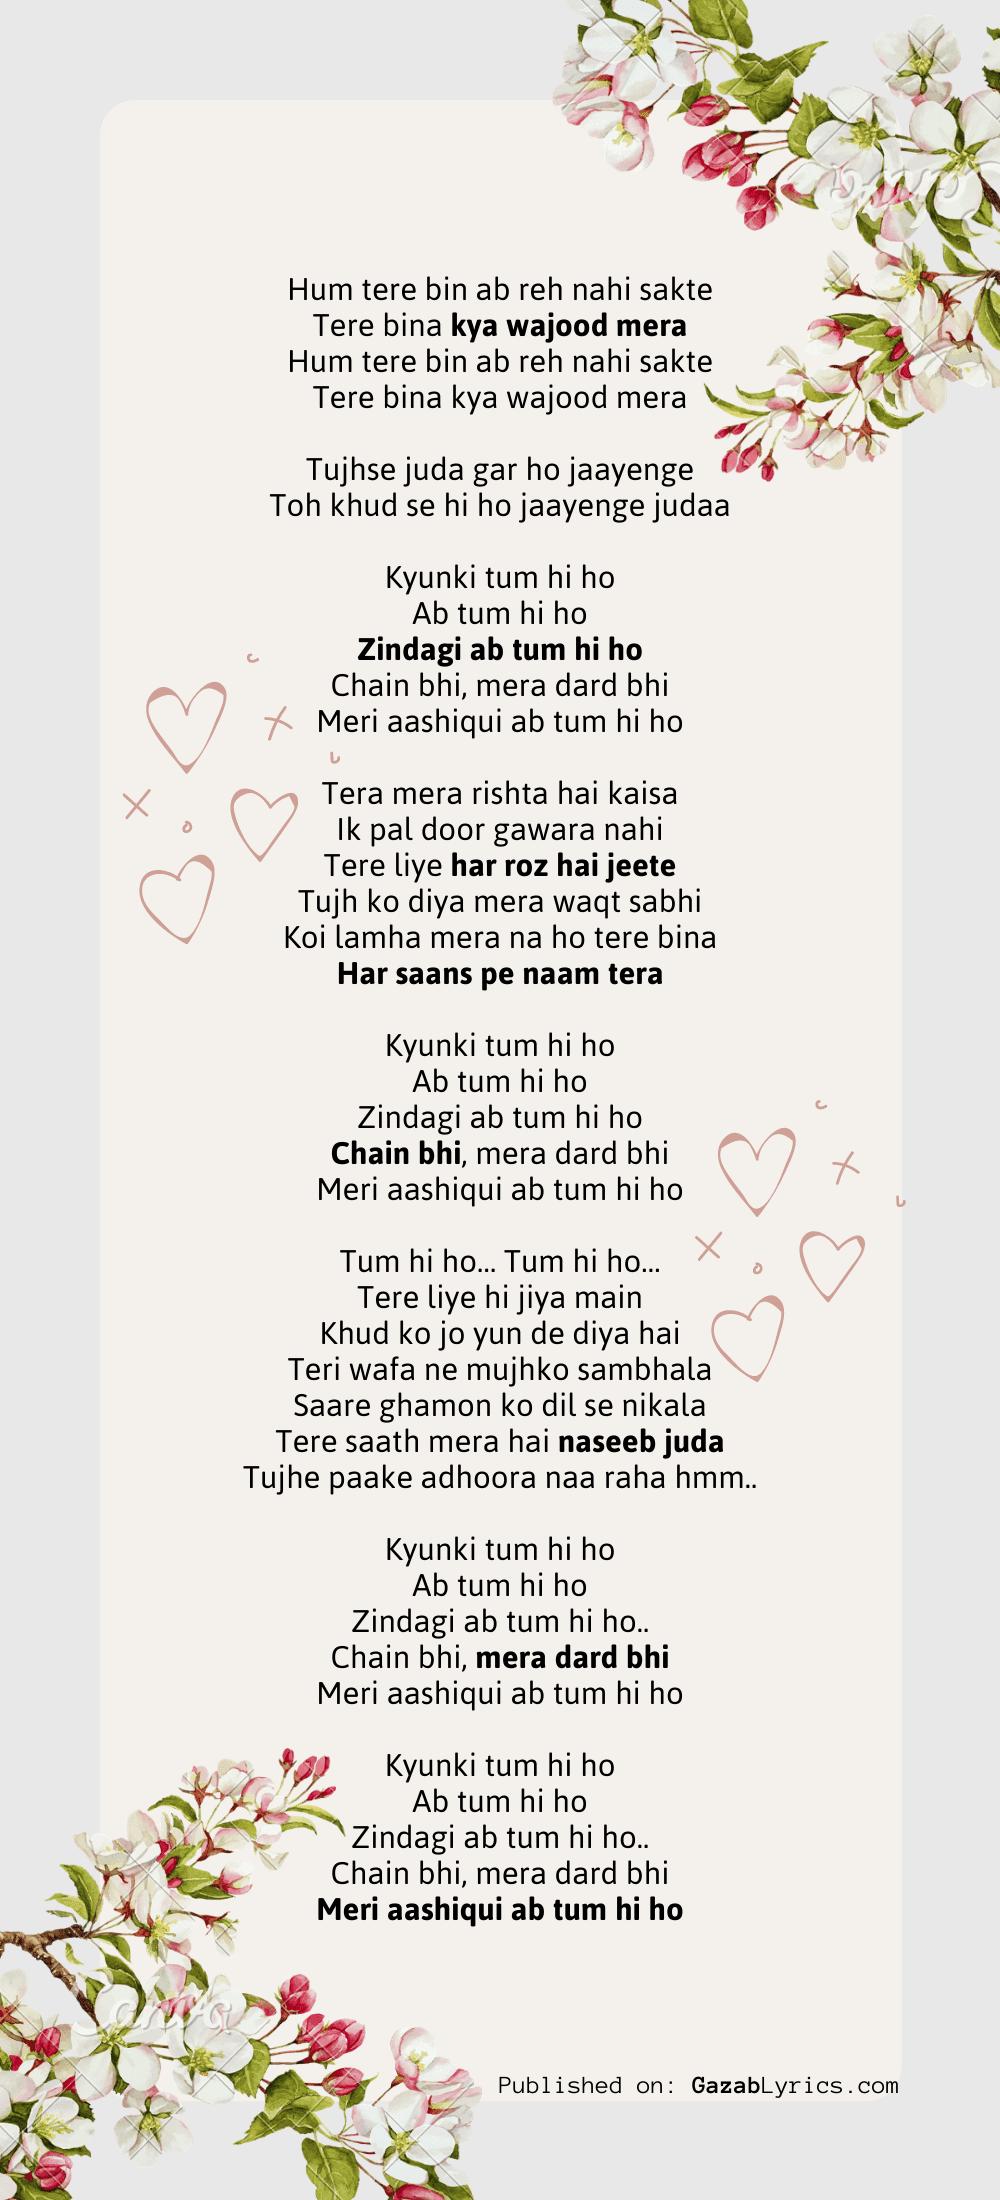 tum hi ho lyrics in english